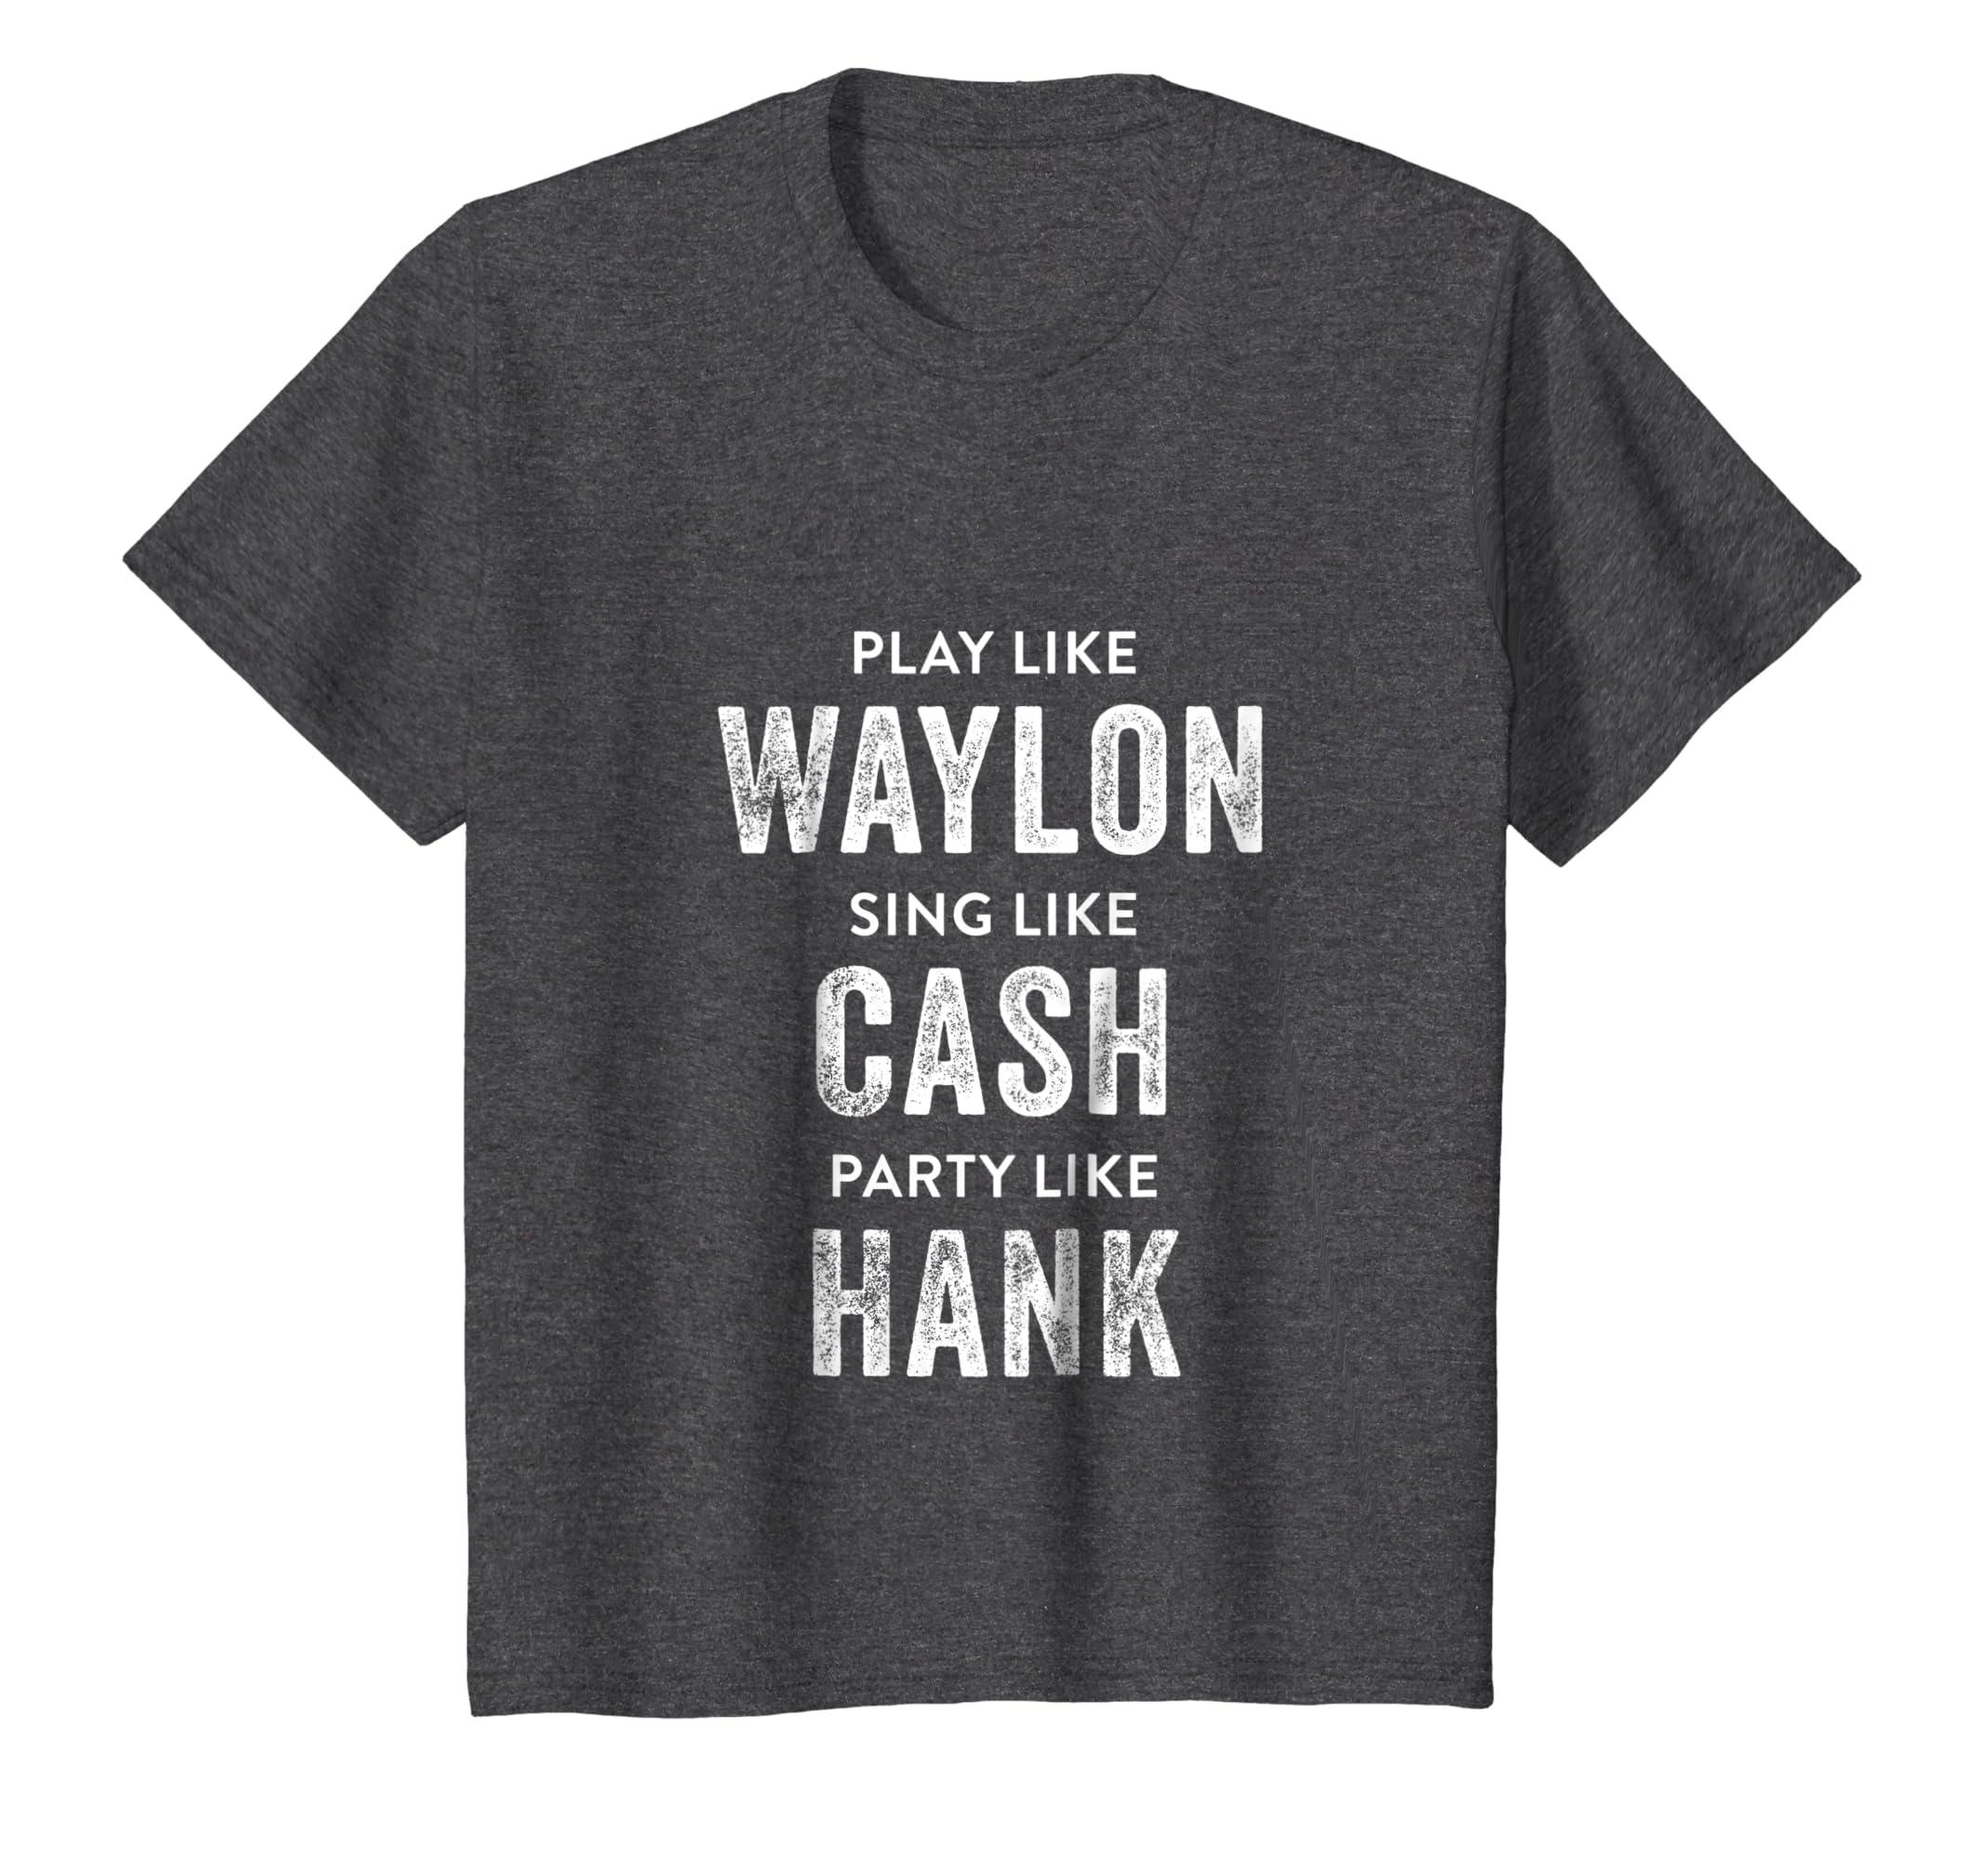 a7aa0a17 Amazon.com: Play Like Waylon, Sing Like Cash, Party Like Hank Shirt:  Clothing